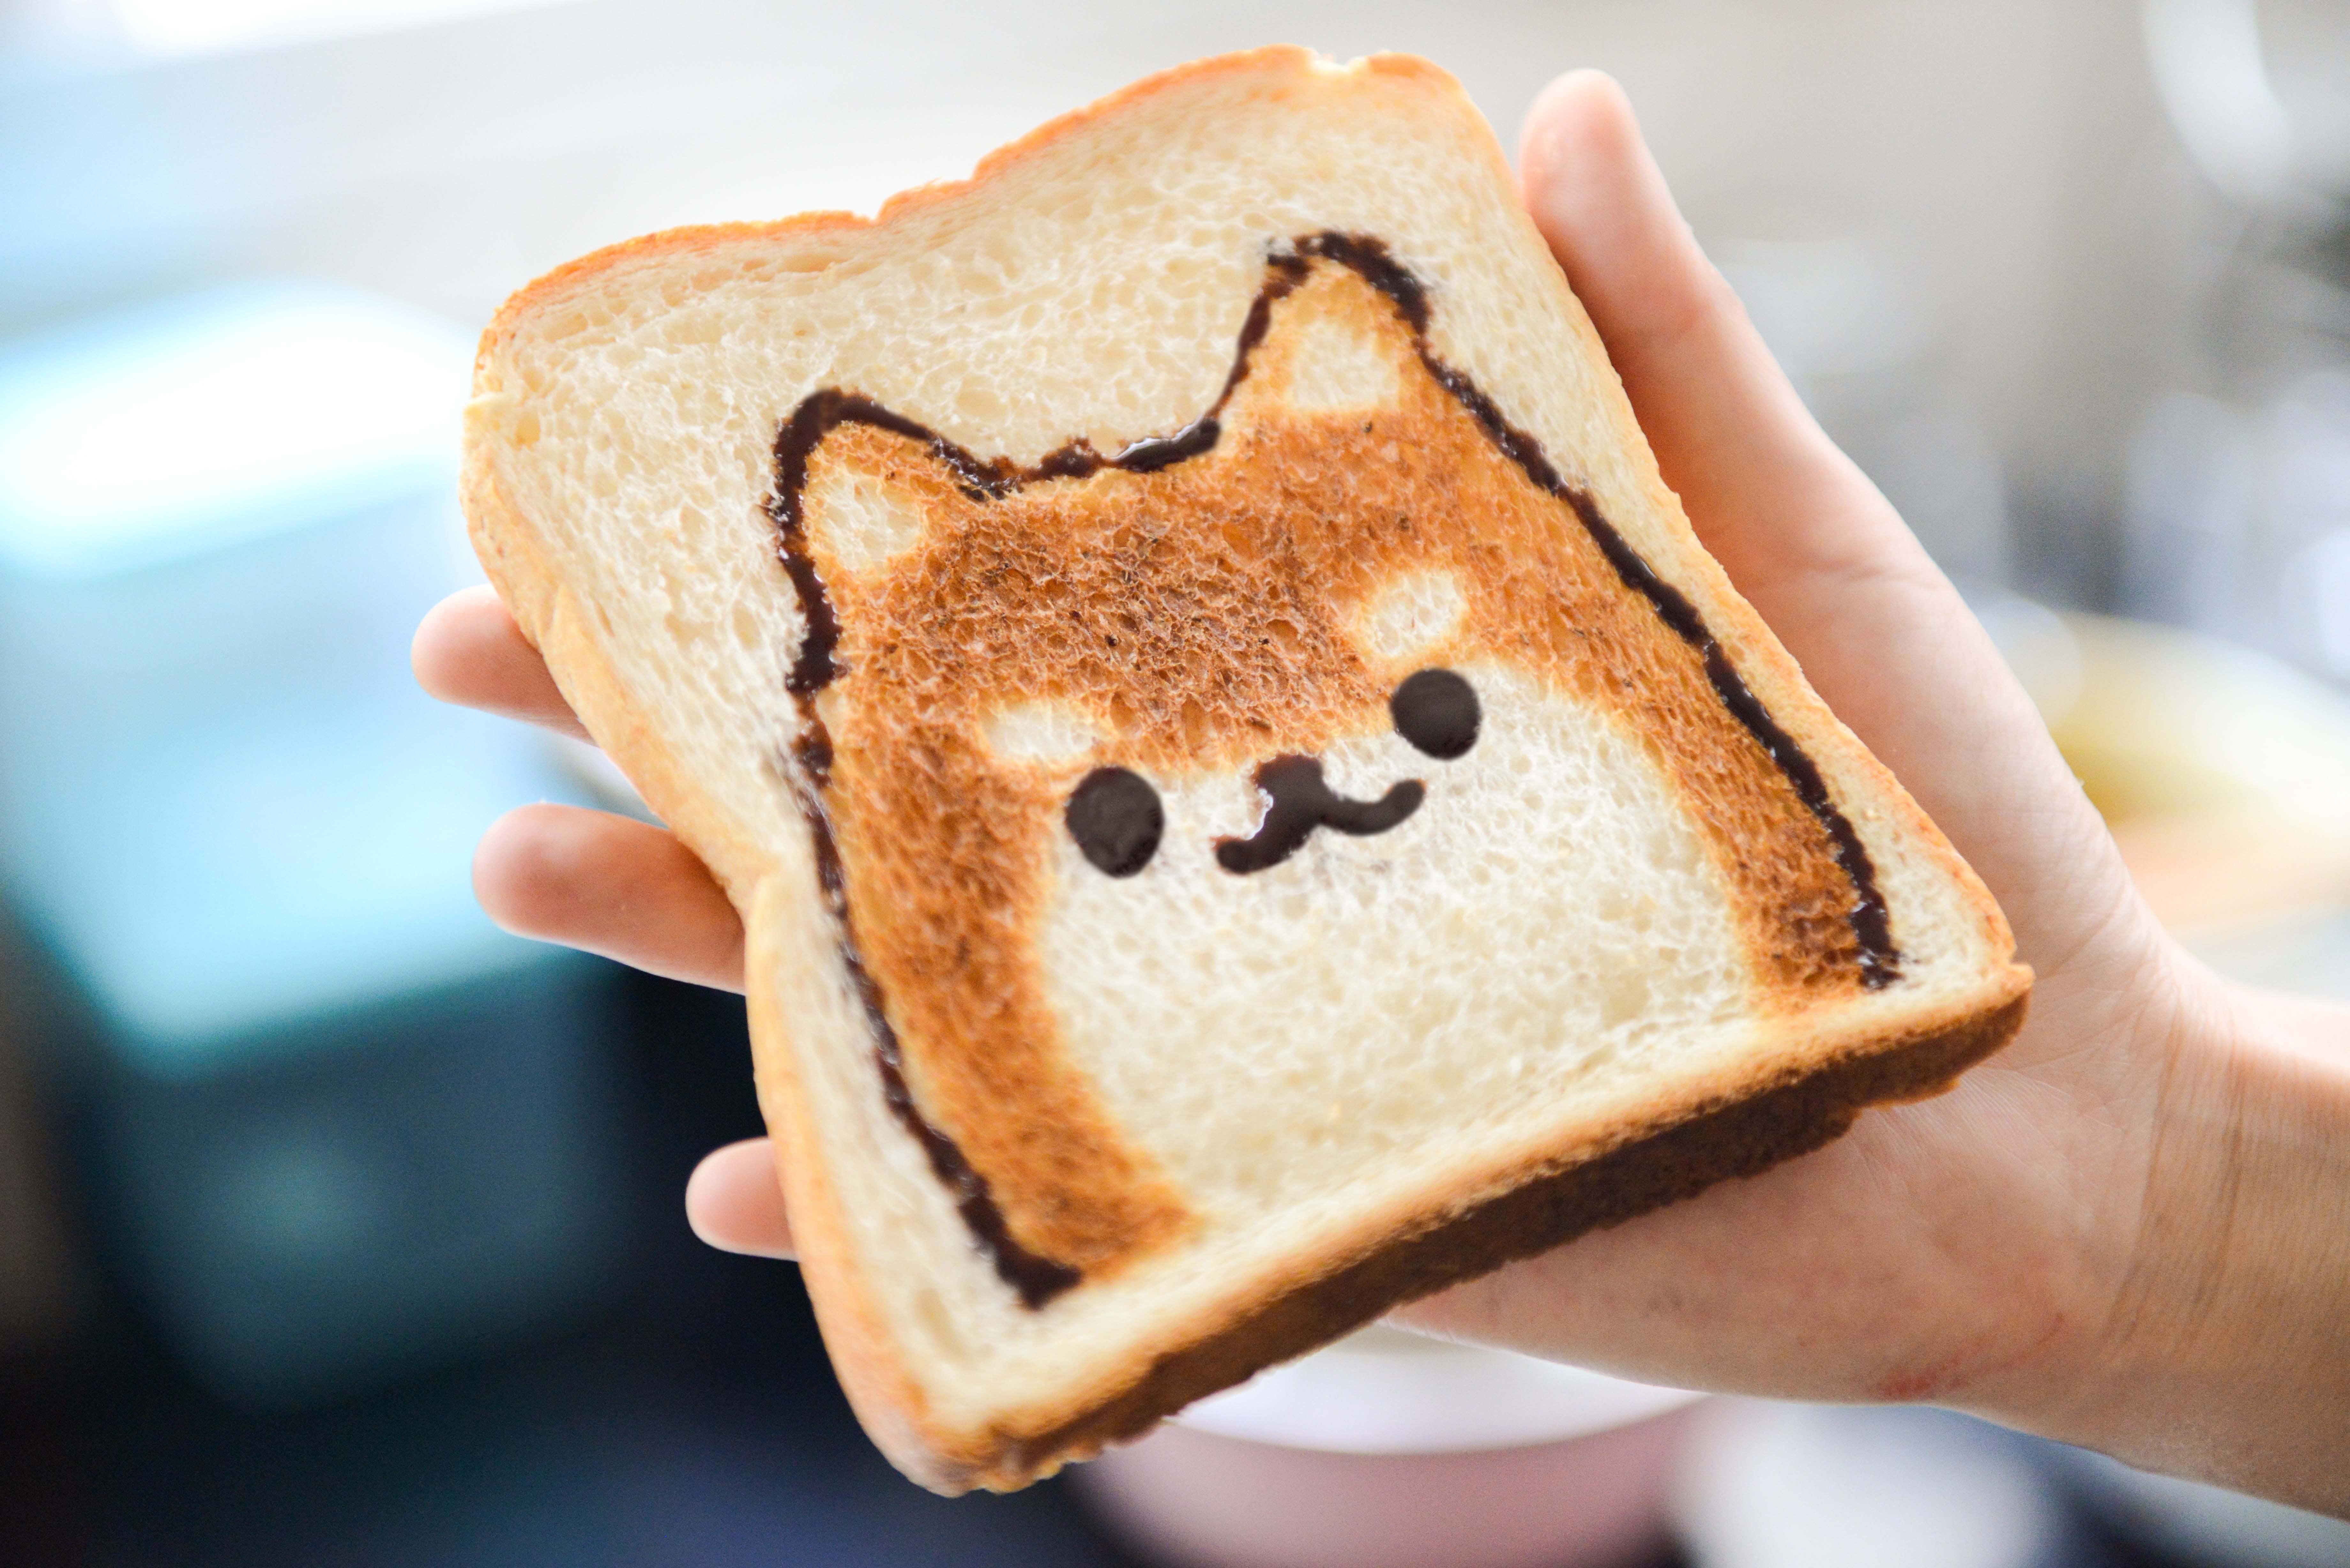 擔心狗狗飼料吃到膩而給予人的食物,其實是飼主的錯誤迷思